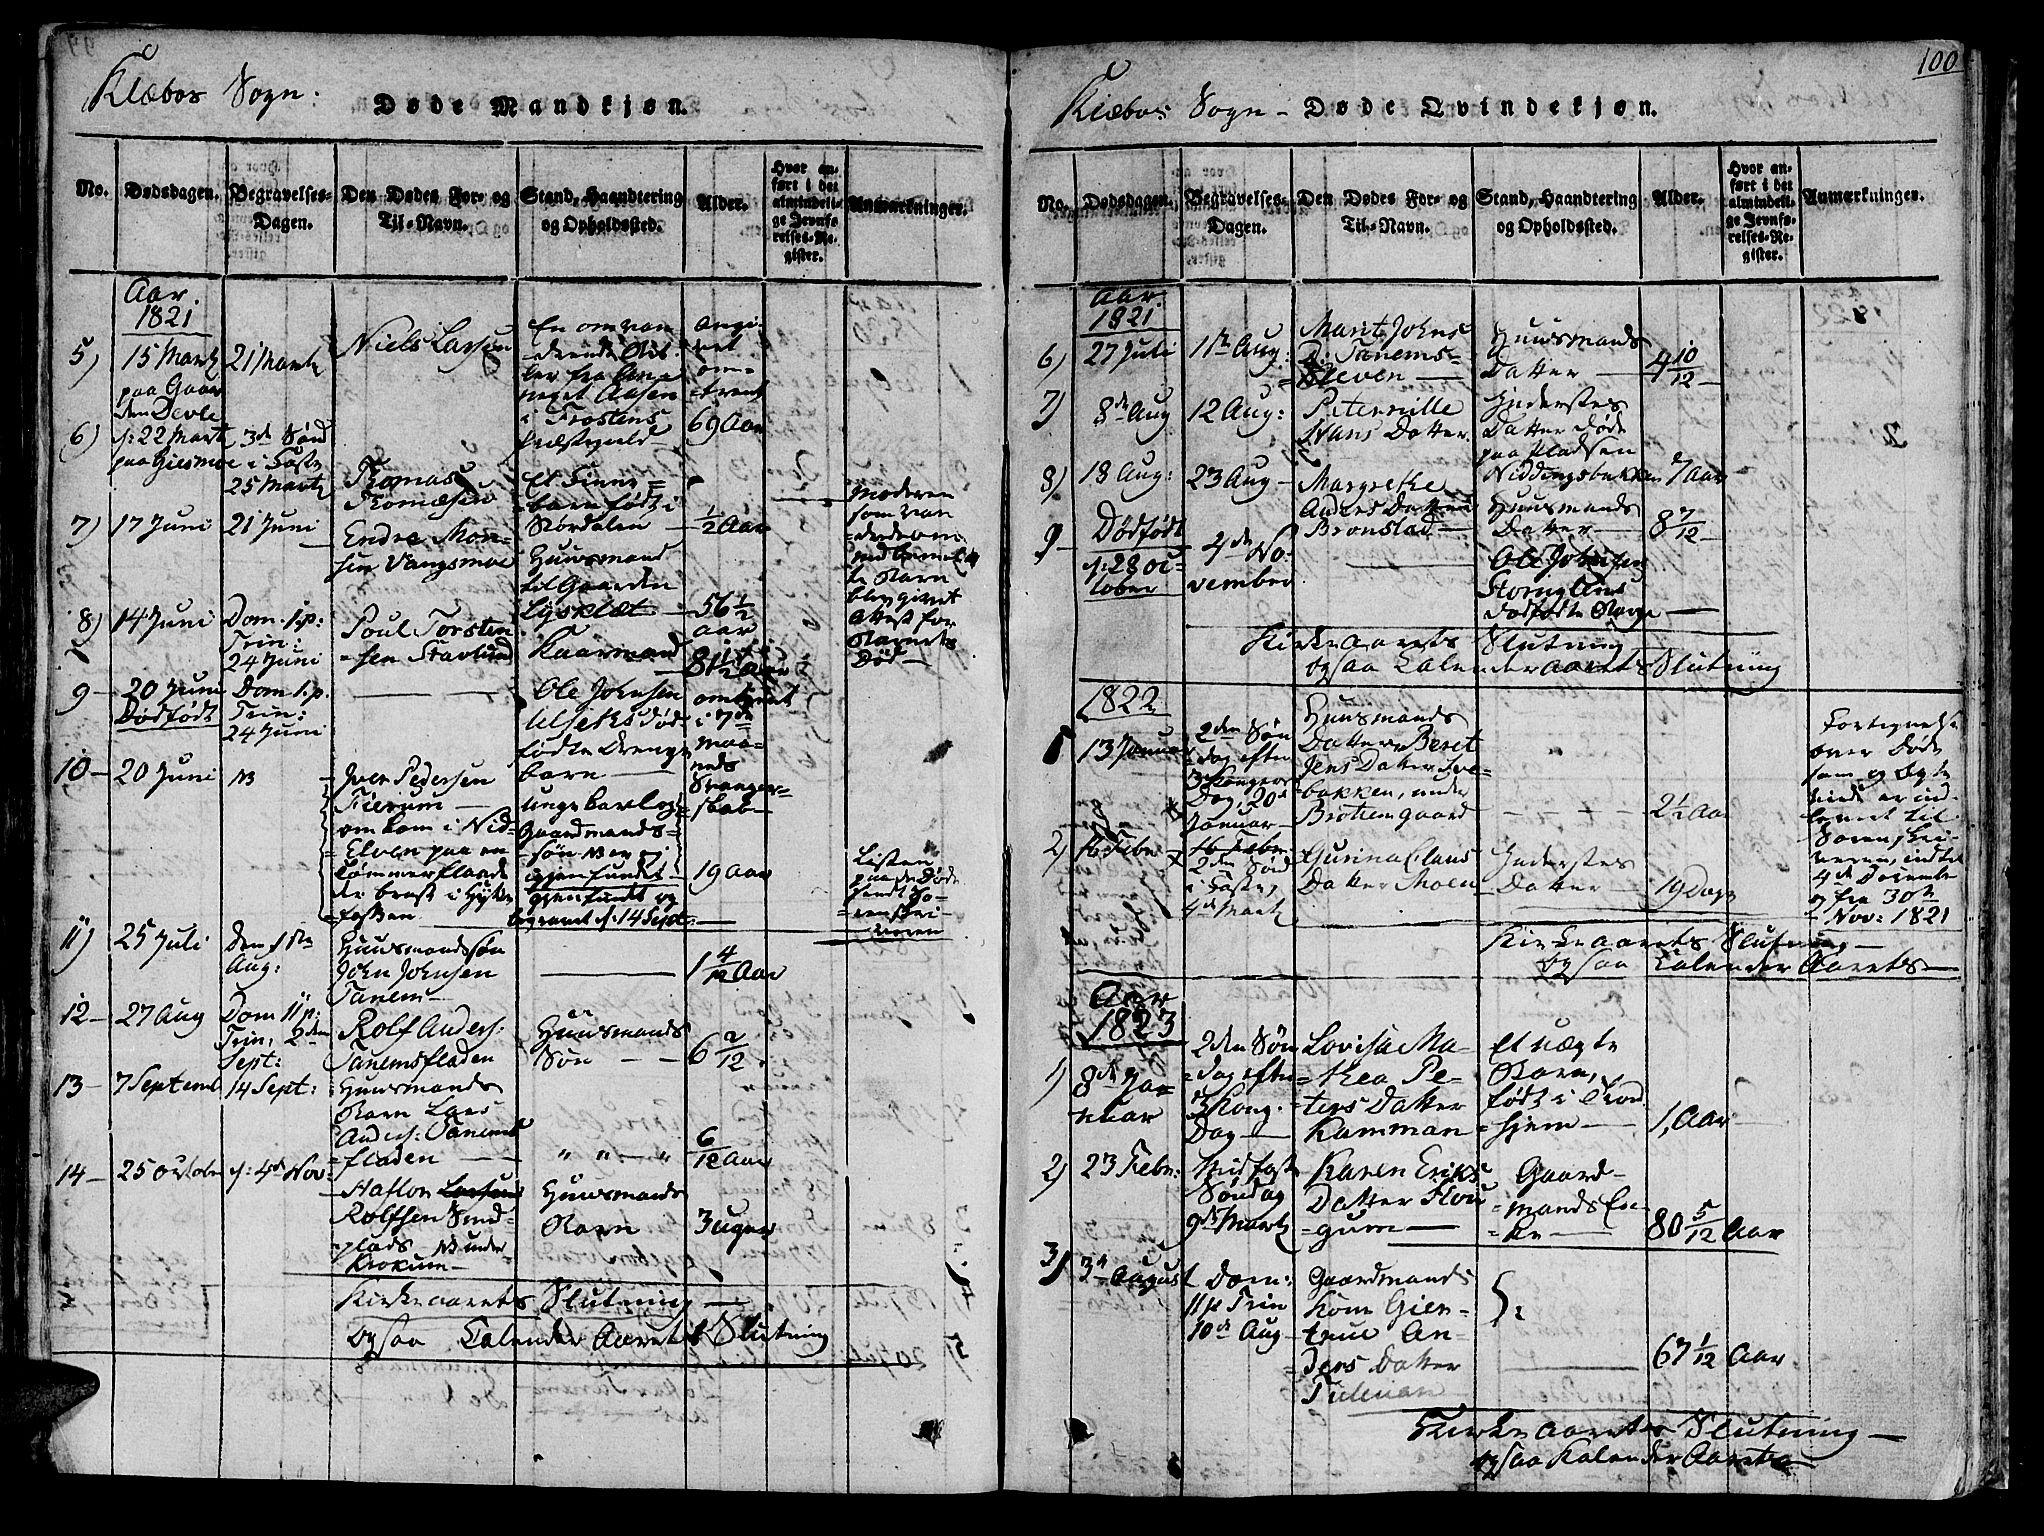 SAT, Ministerialprotokoller, klokkerbøker og fødselsregistre - Sør-Trøndelag, 618/L0439: Ministerialbok nr. 618A04 /1, 1816-1843, s. 100